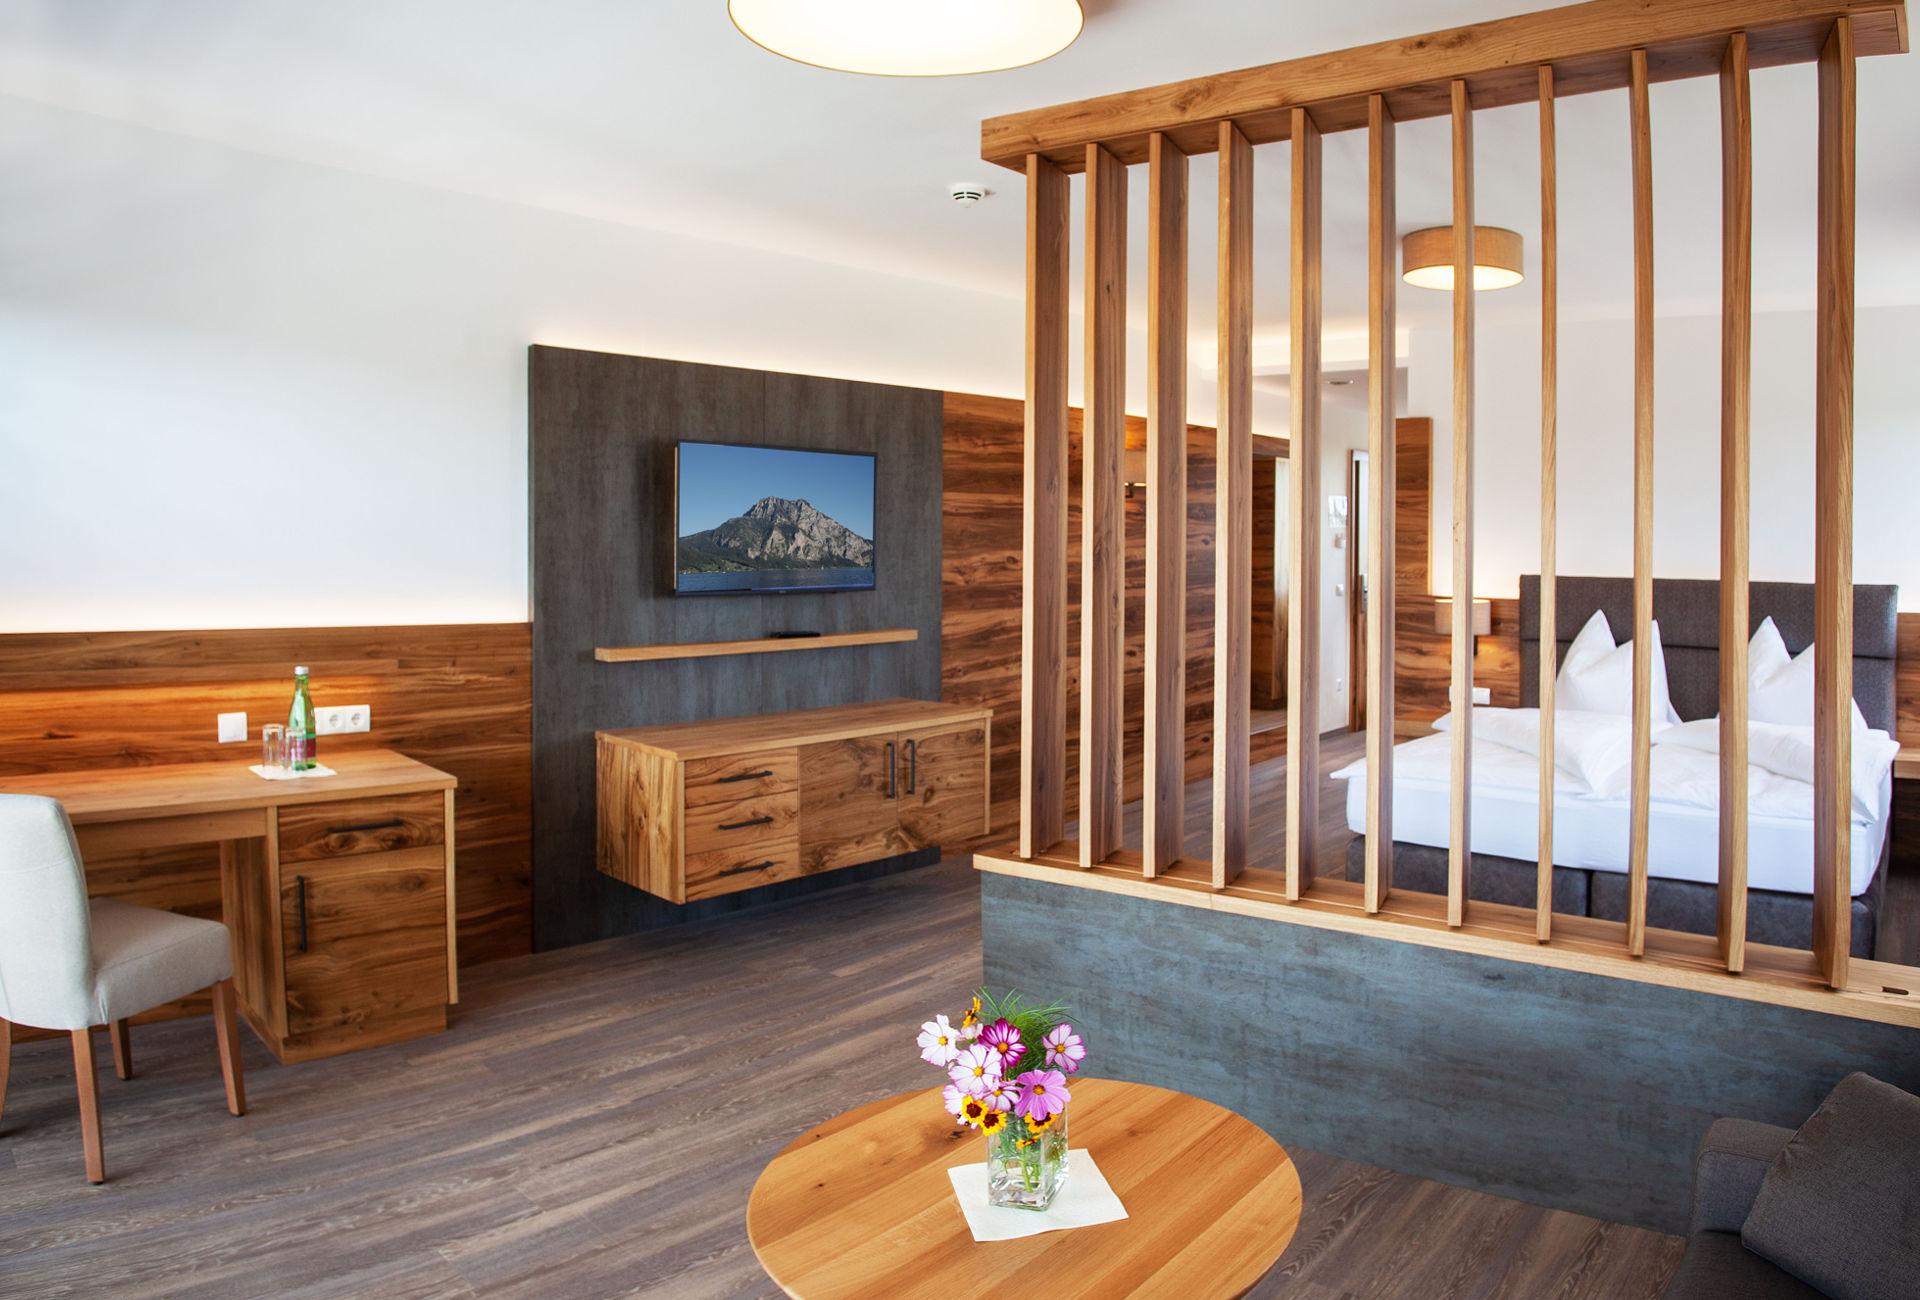 Familiensuite im Wellness-Hotel-Gasthof Enichlmayr